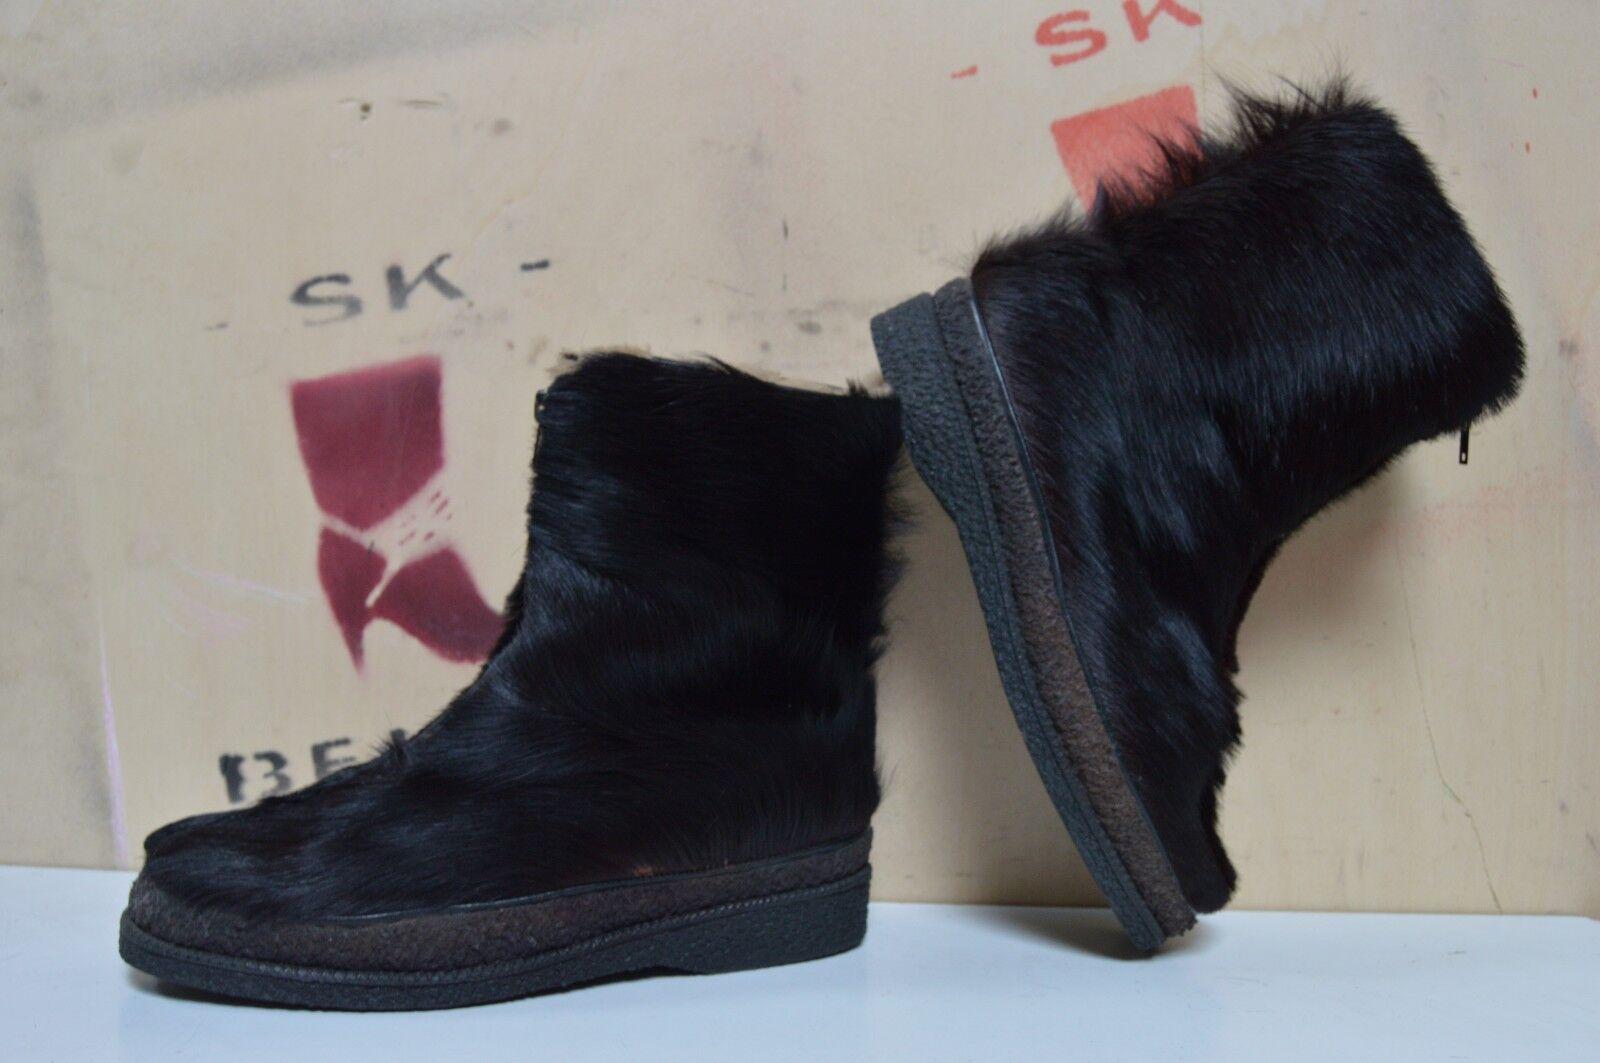 botas piel botas ártico botas True vintage fell botas de invierno uk7, 5 yetibotas